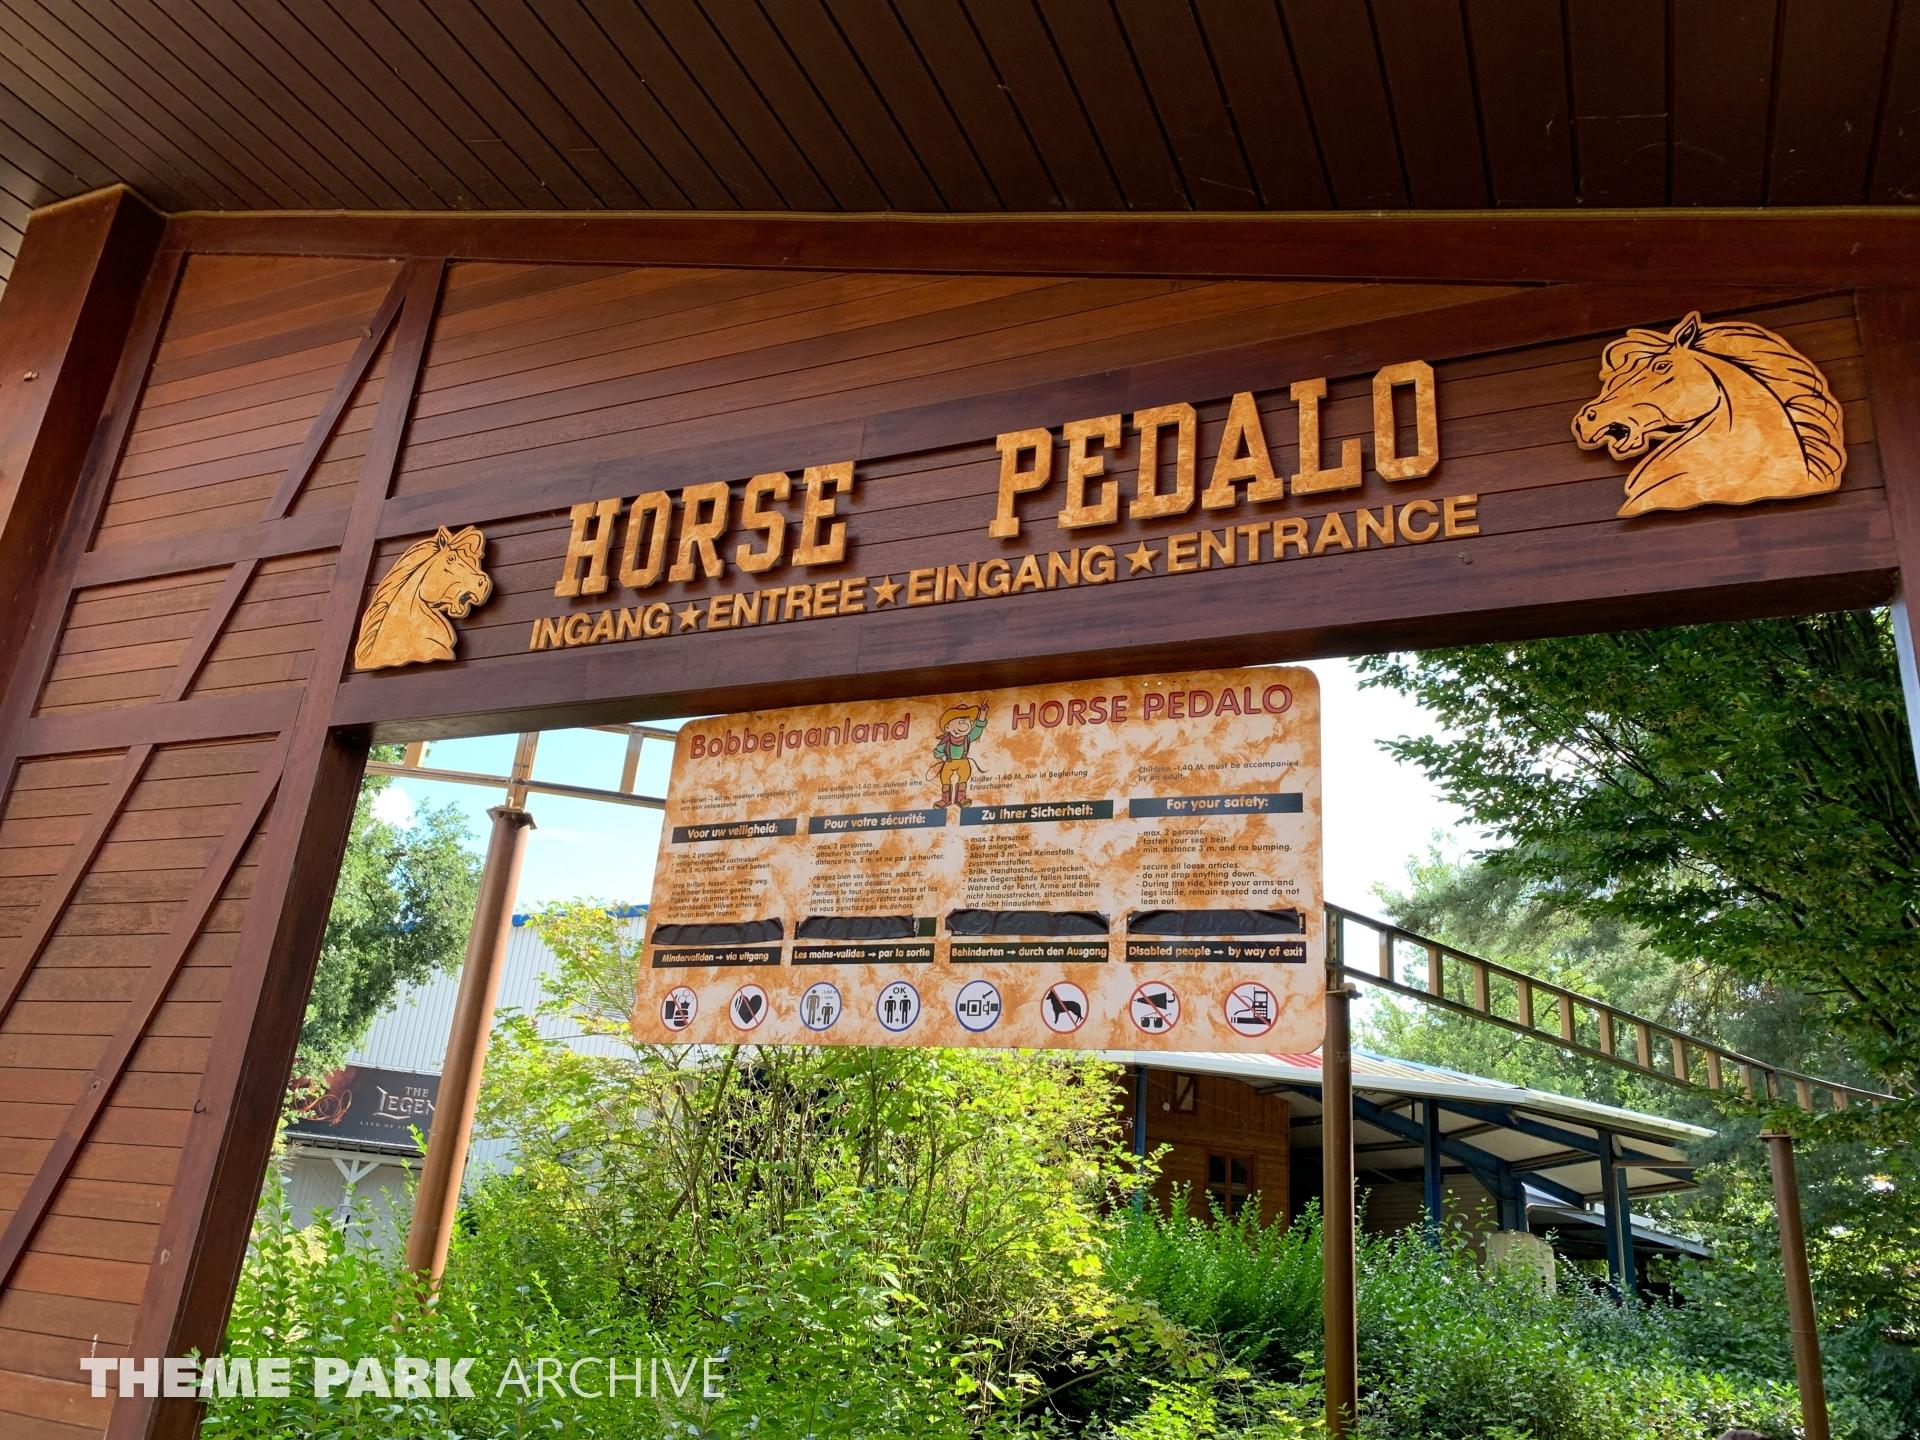 Horse Pedalo at Bobbejaanland